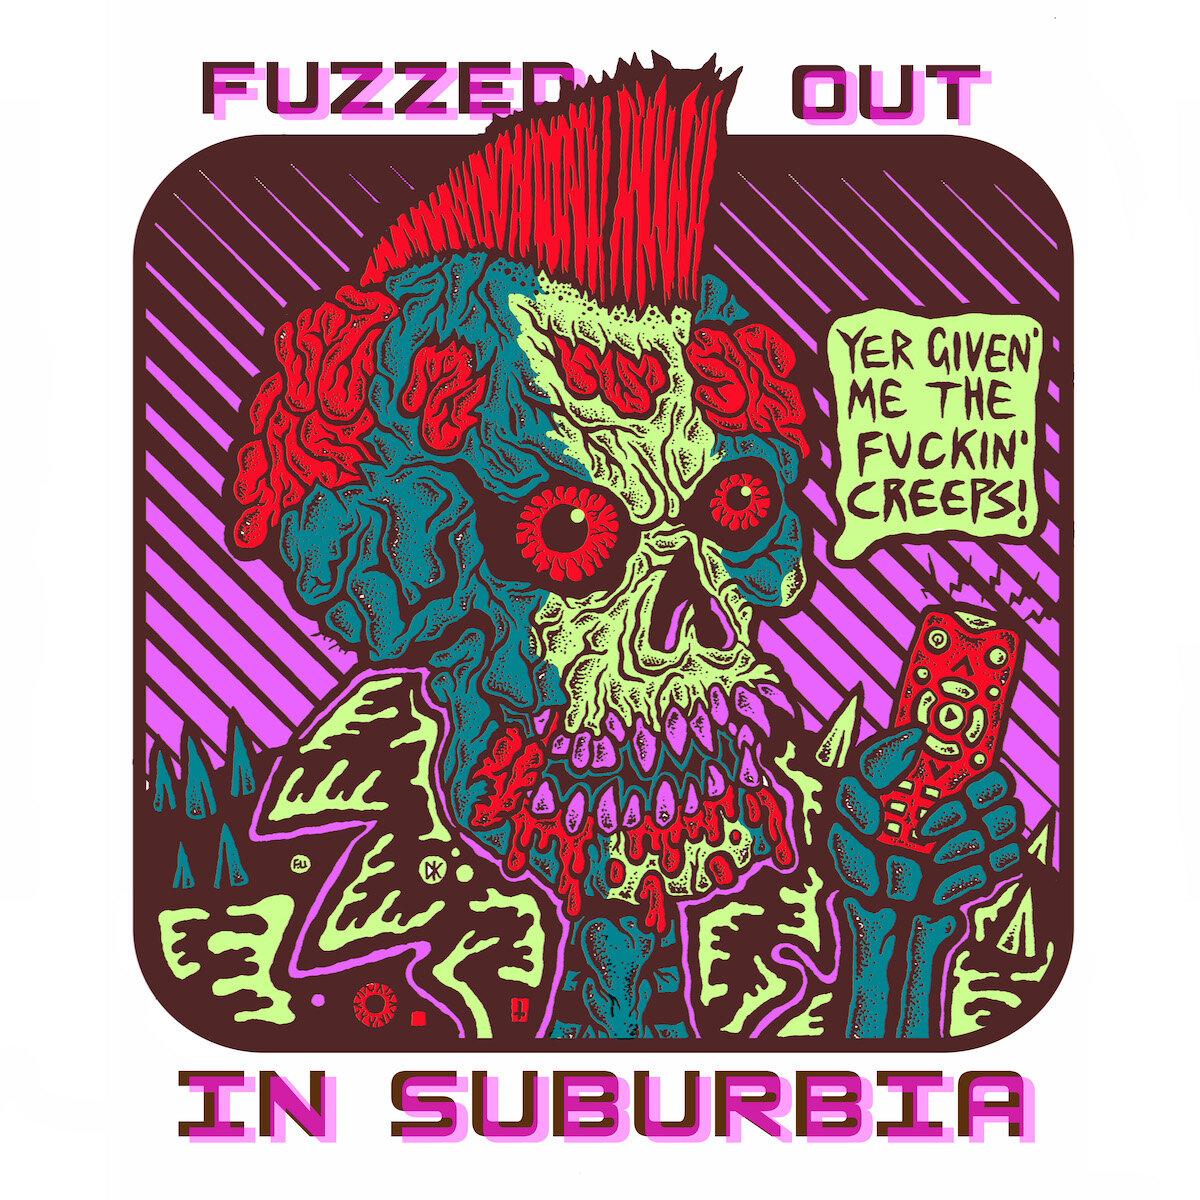 FreakSt-Fuzzed Out.jpg